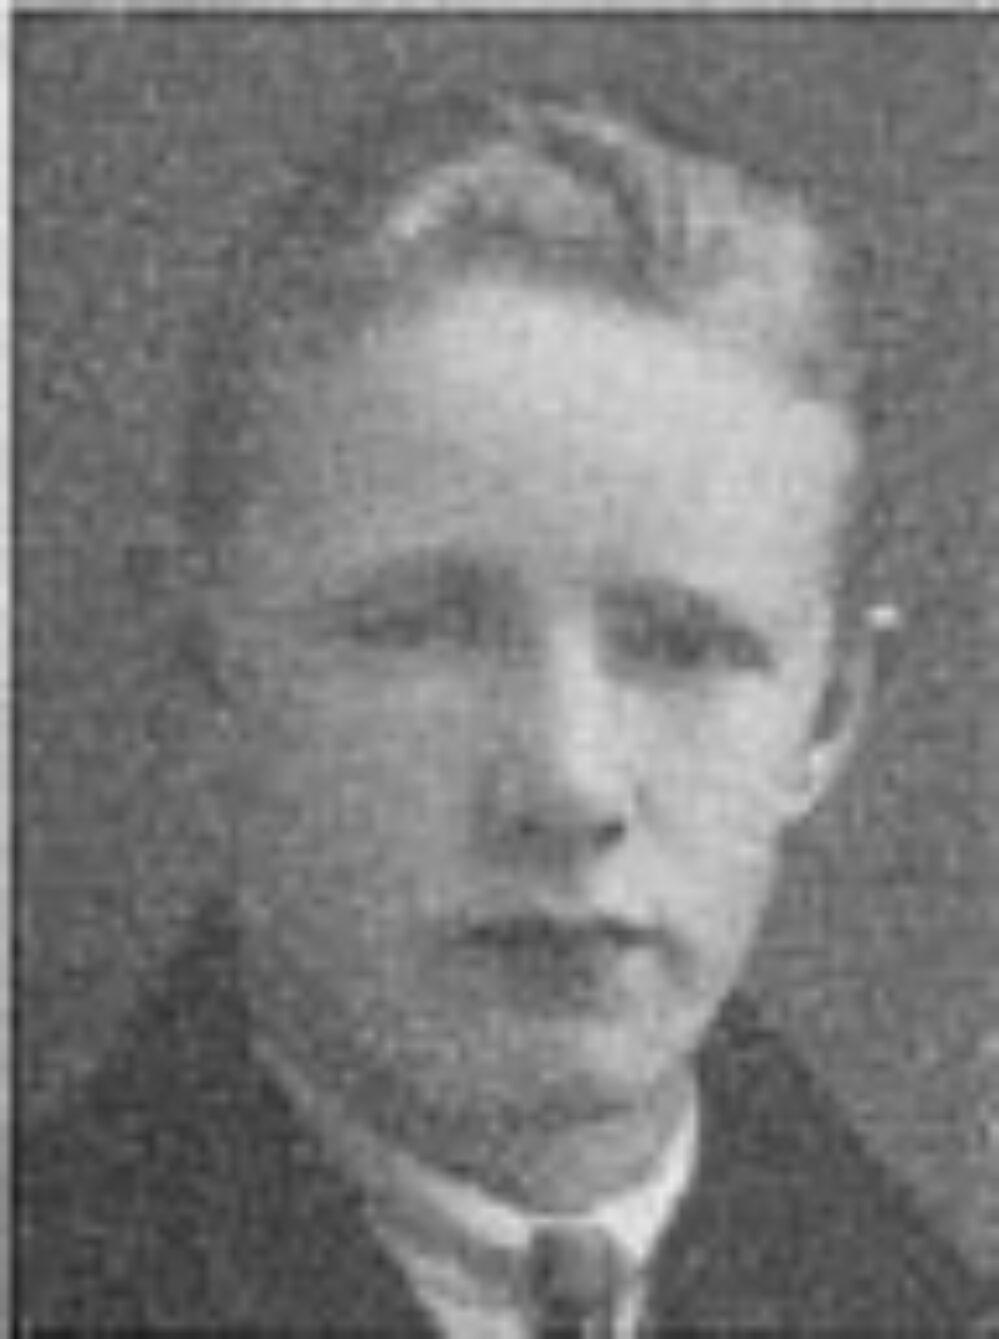 John Hognestad